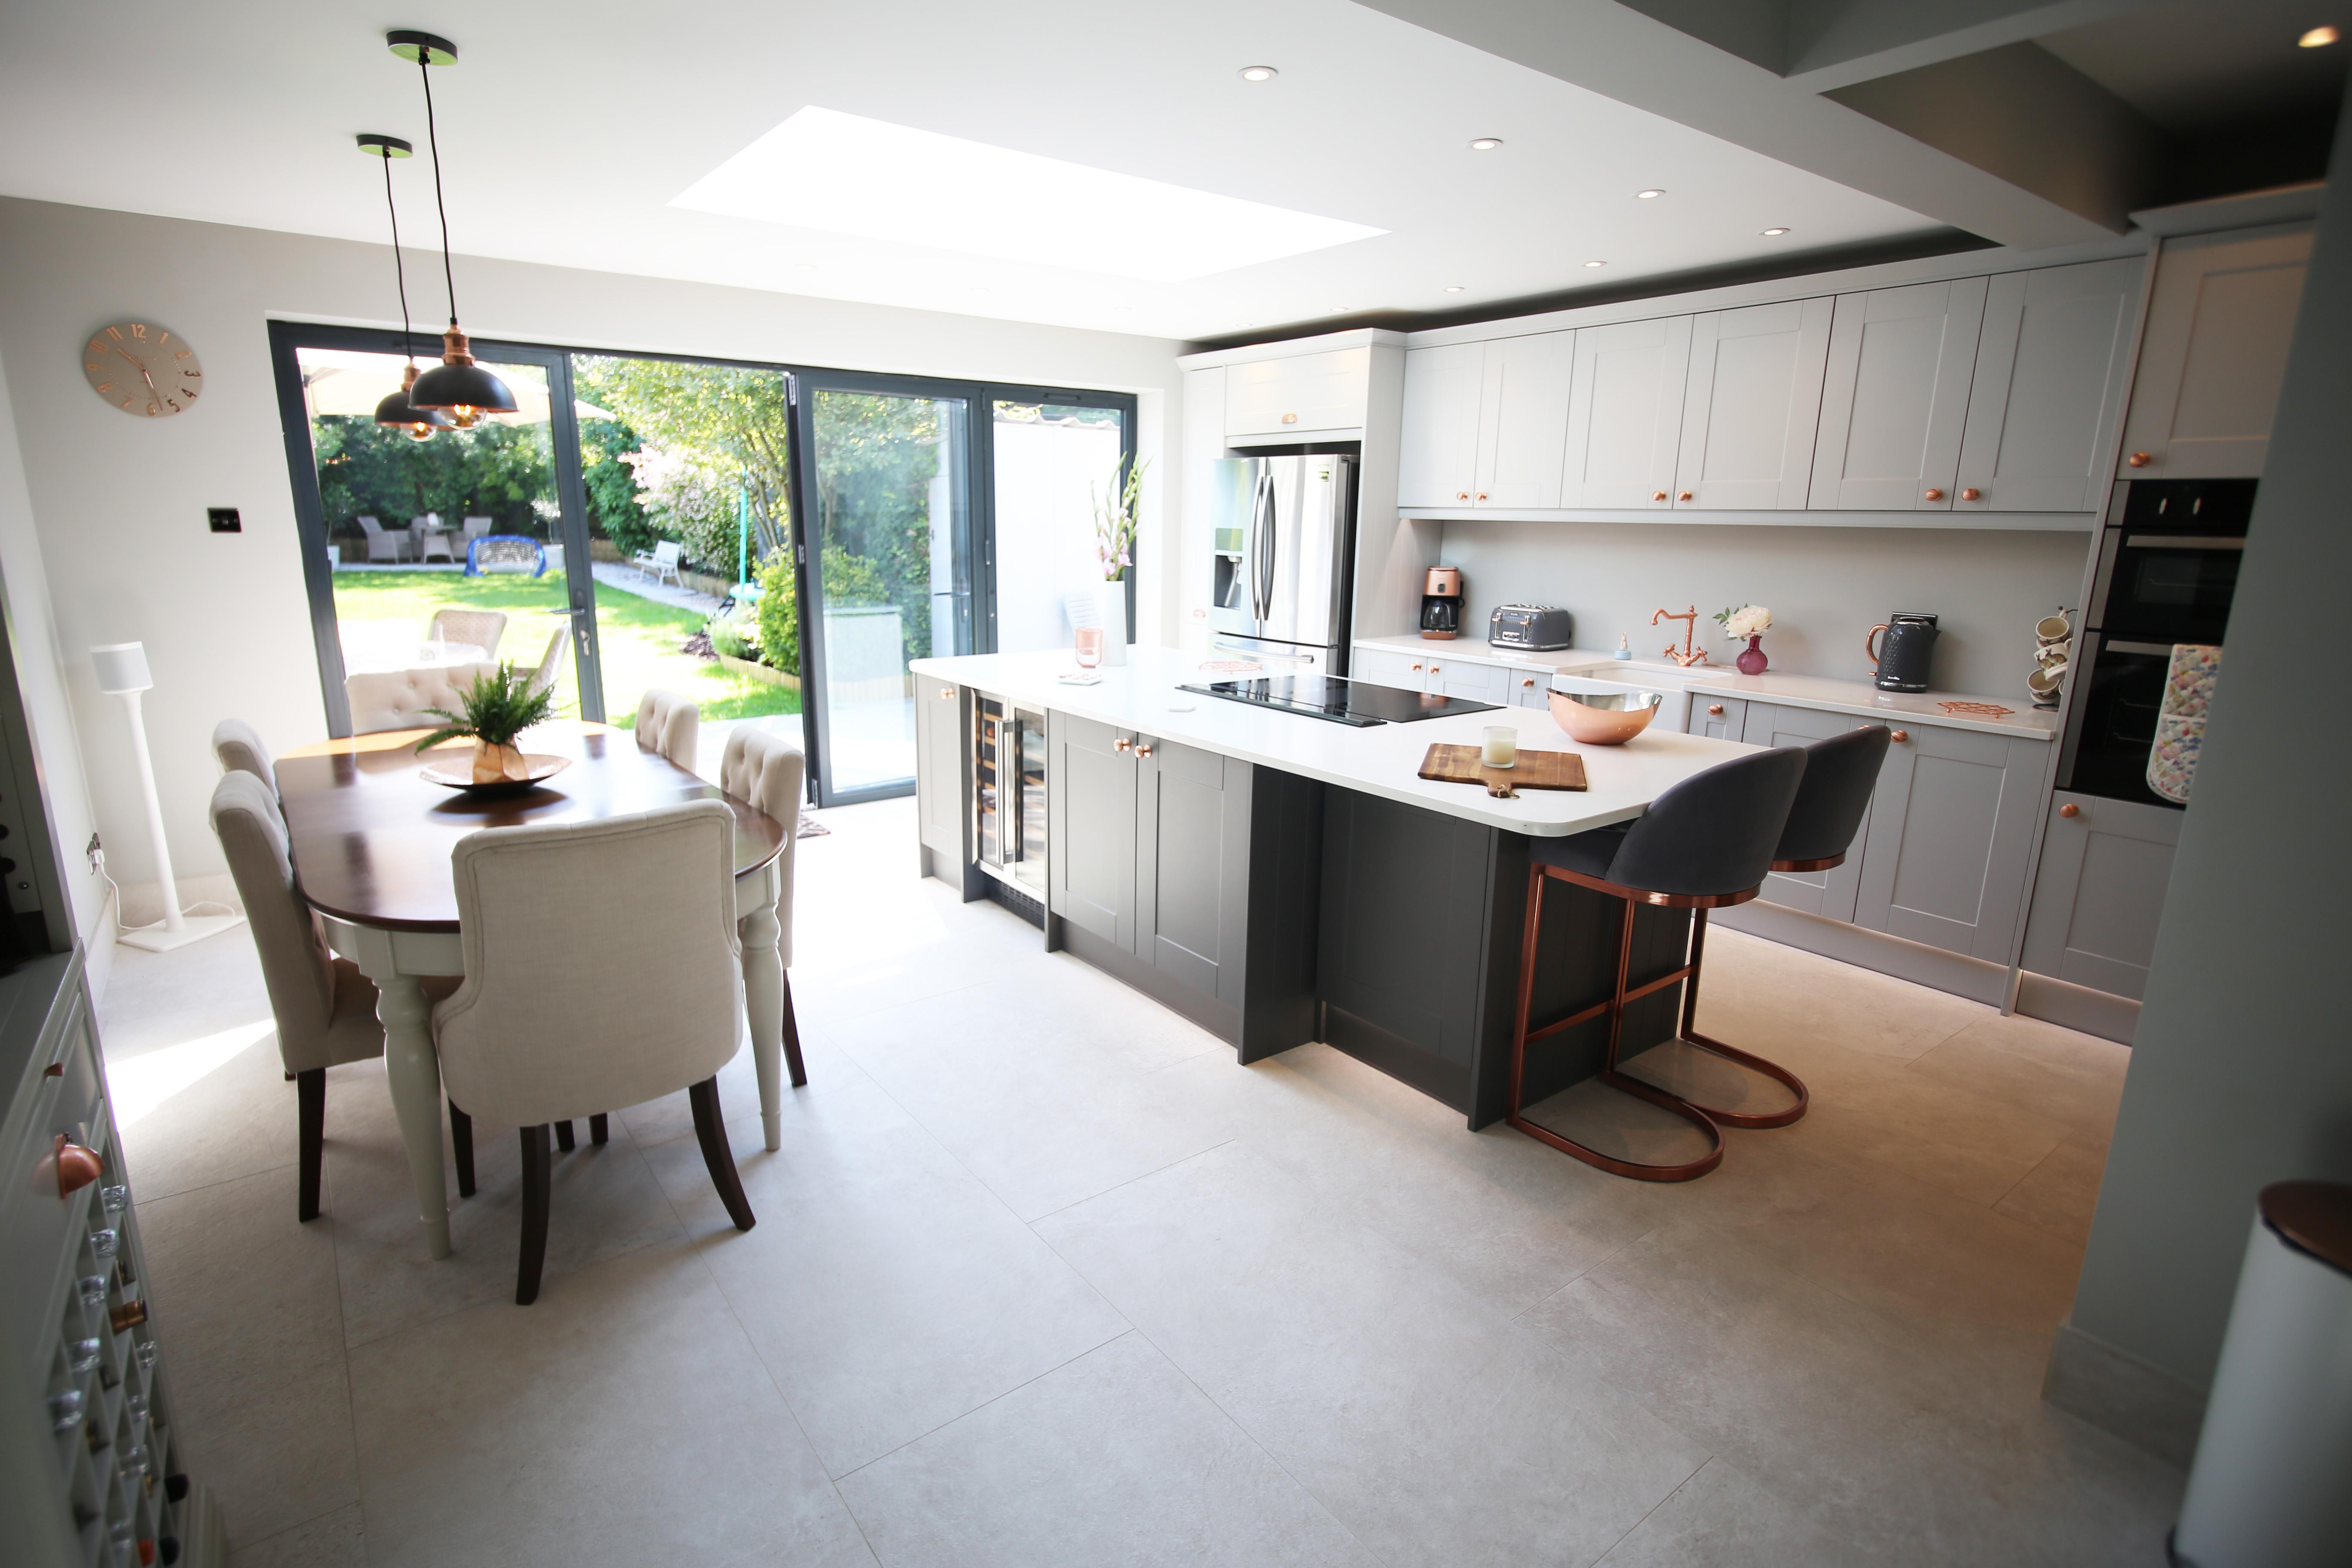 Fluent ADS Kitchen Exttension Design